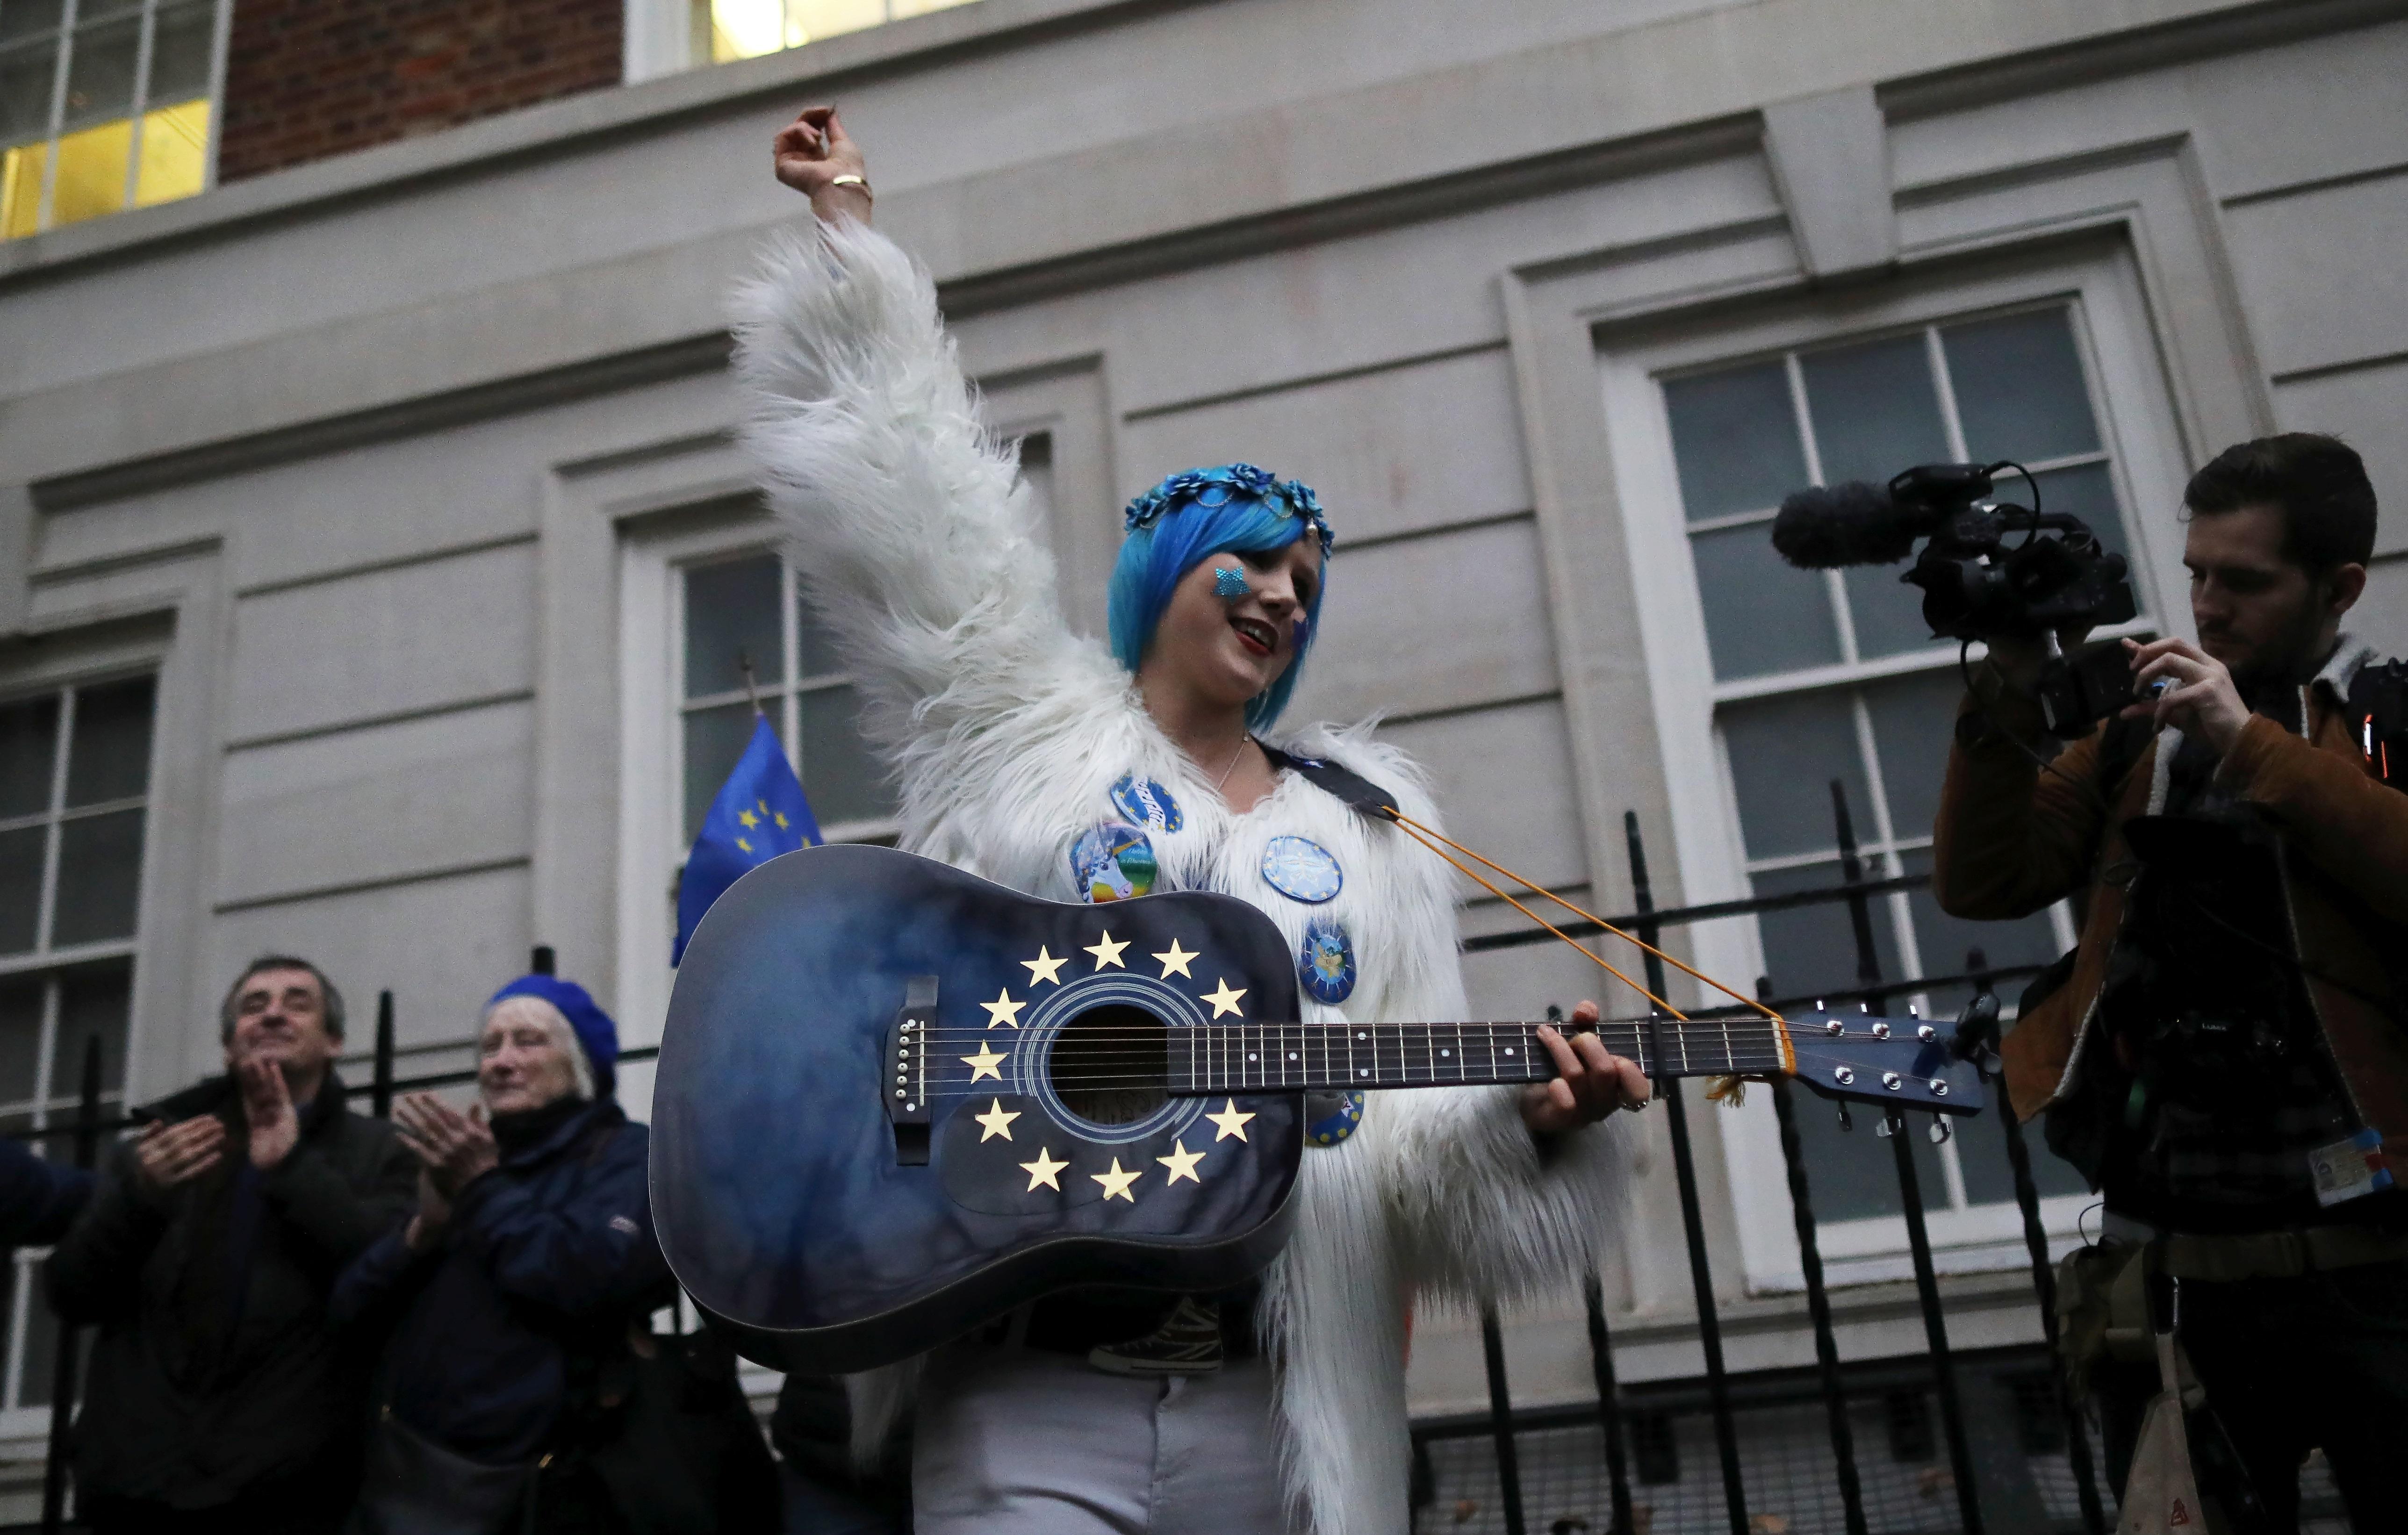 Brexit: Βραδιά υποδοχής με καλεσμένους του Μπόρις Τζόνσον στην Ντάουνιγκ Στριτ